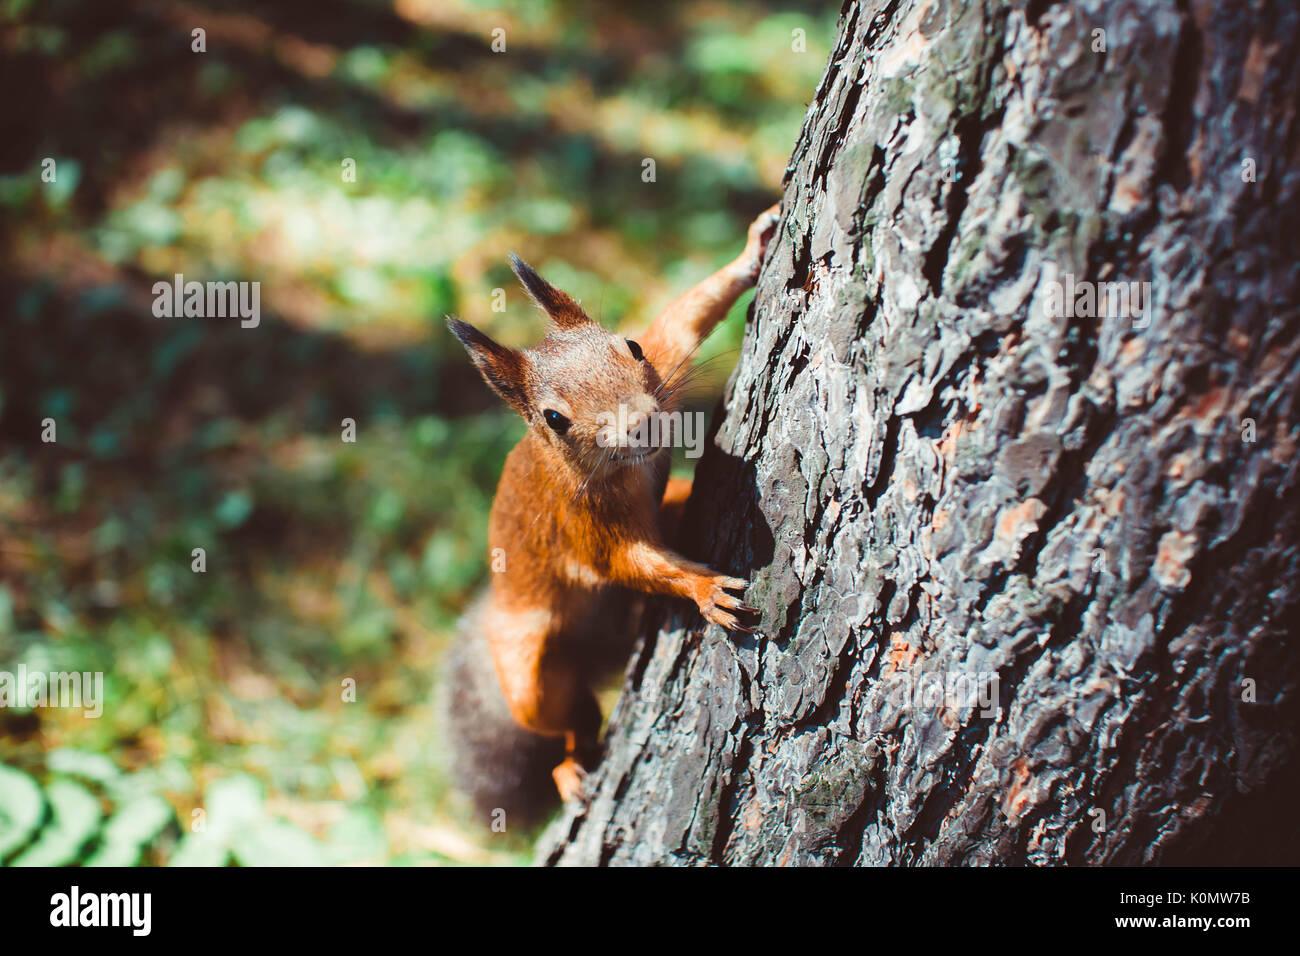 Les petits rongeurs sur le tronc d'un arbre Photo Stock